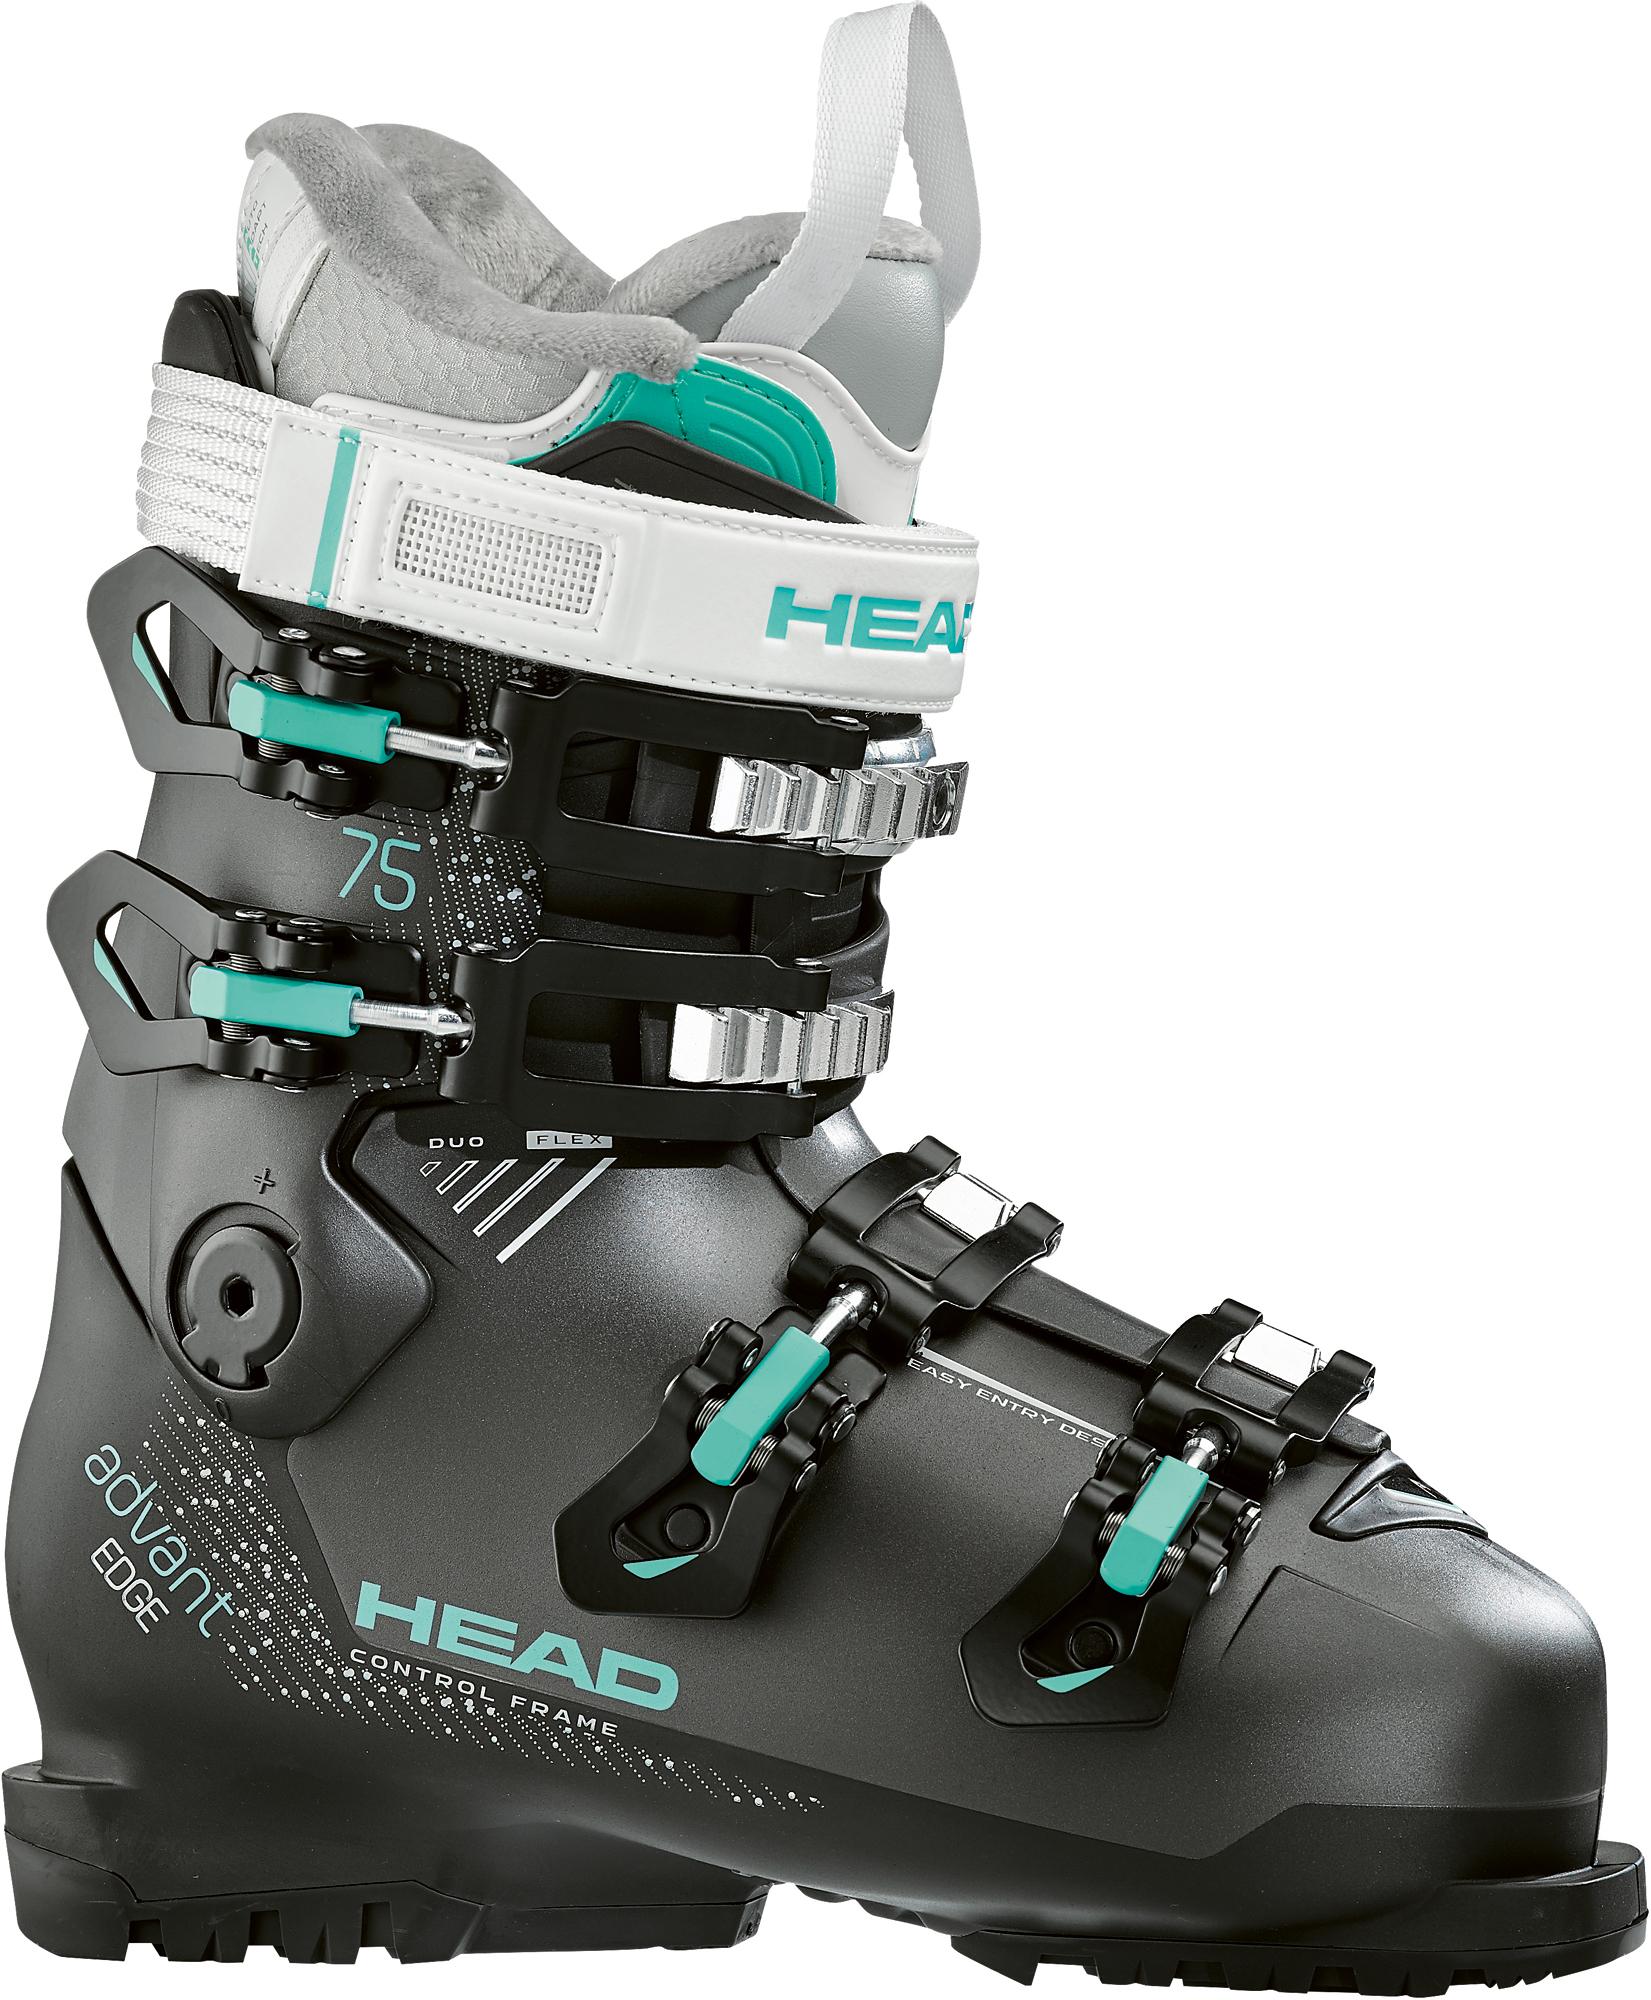 Head Ботинки горнолыжные женские ADVANT EDGE 75 W, размер 26 см